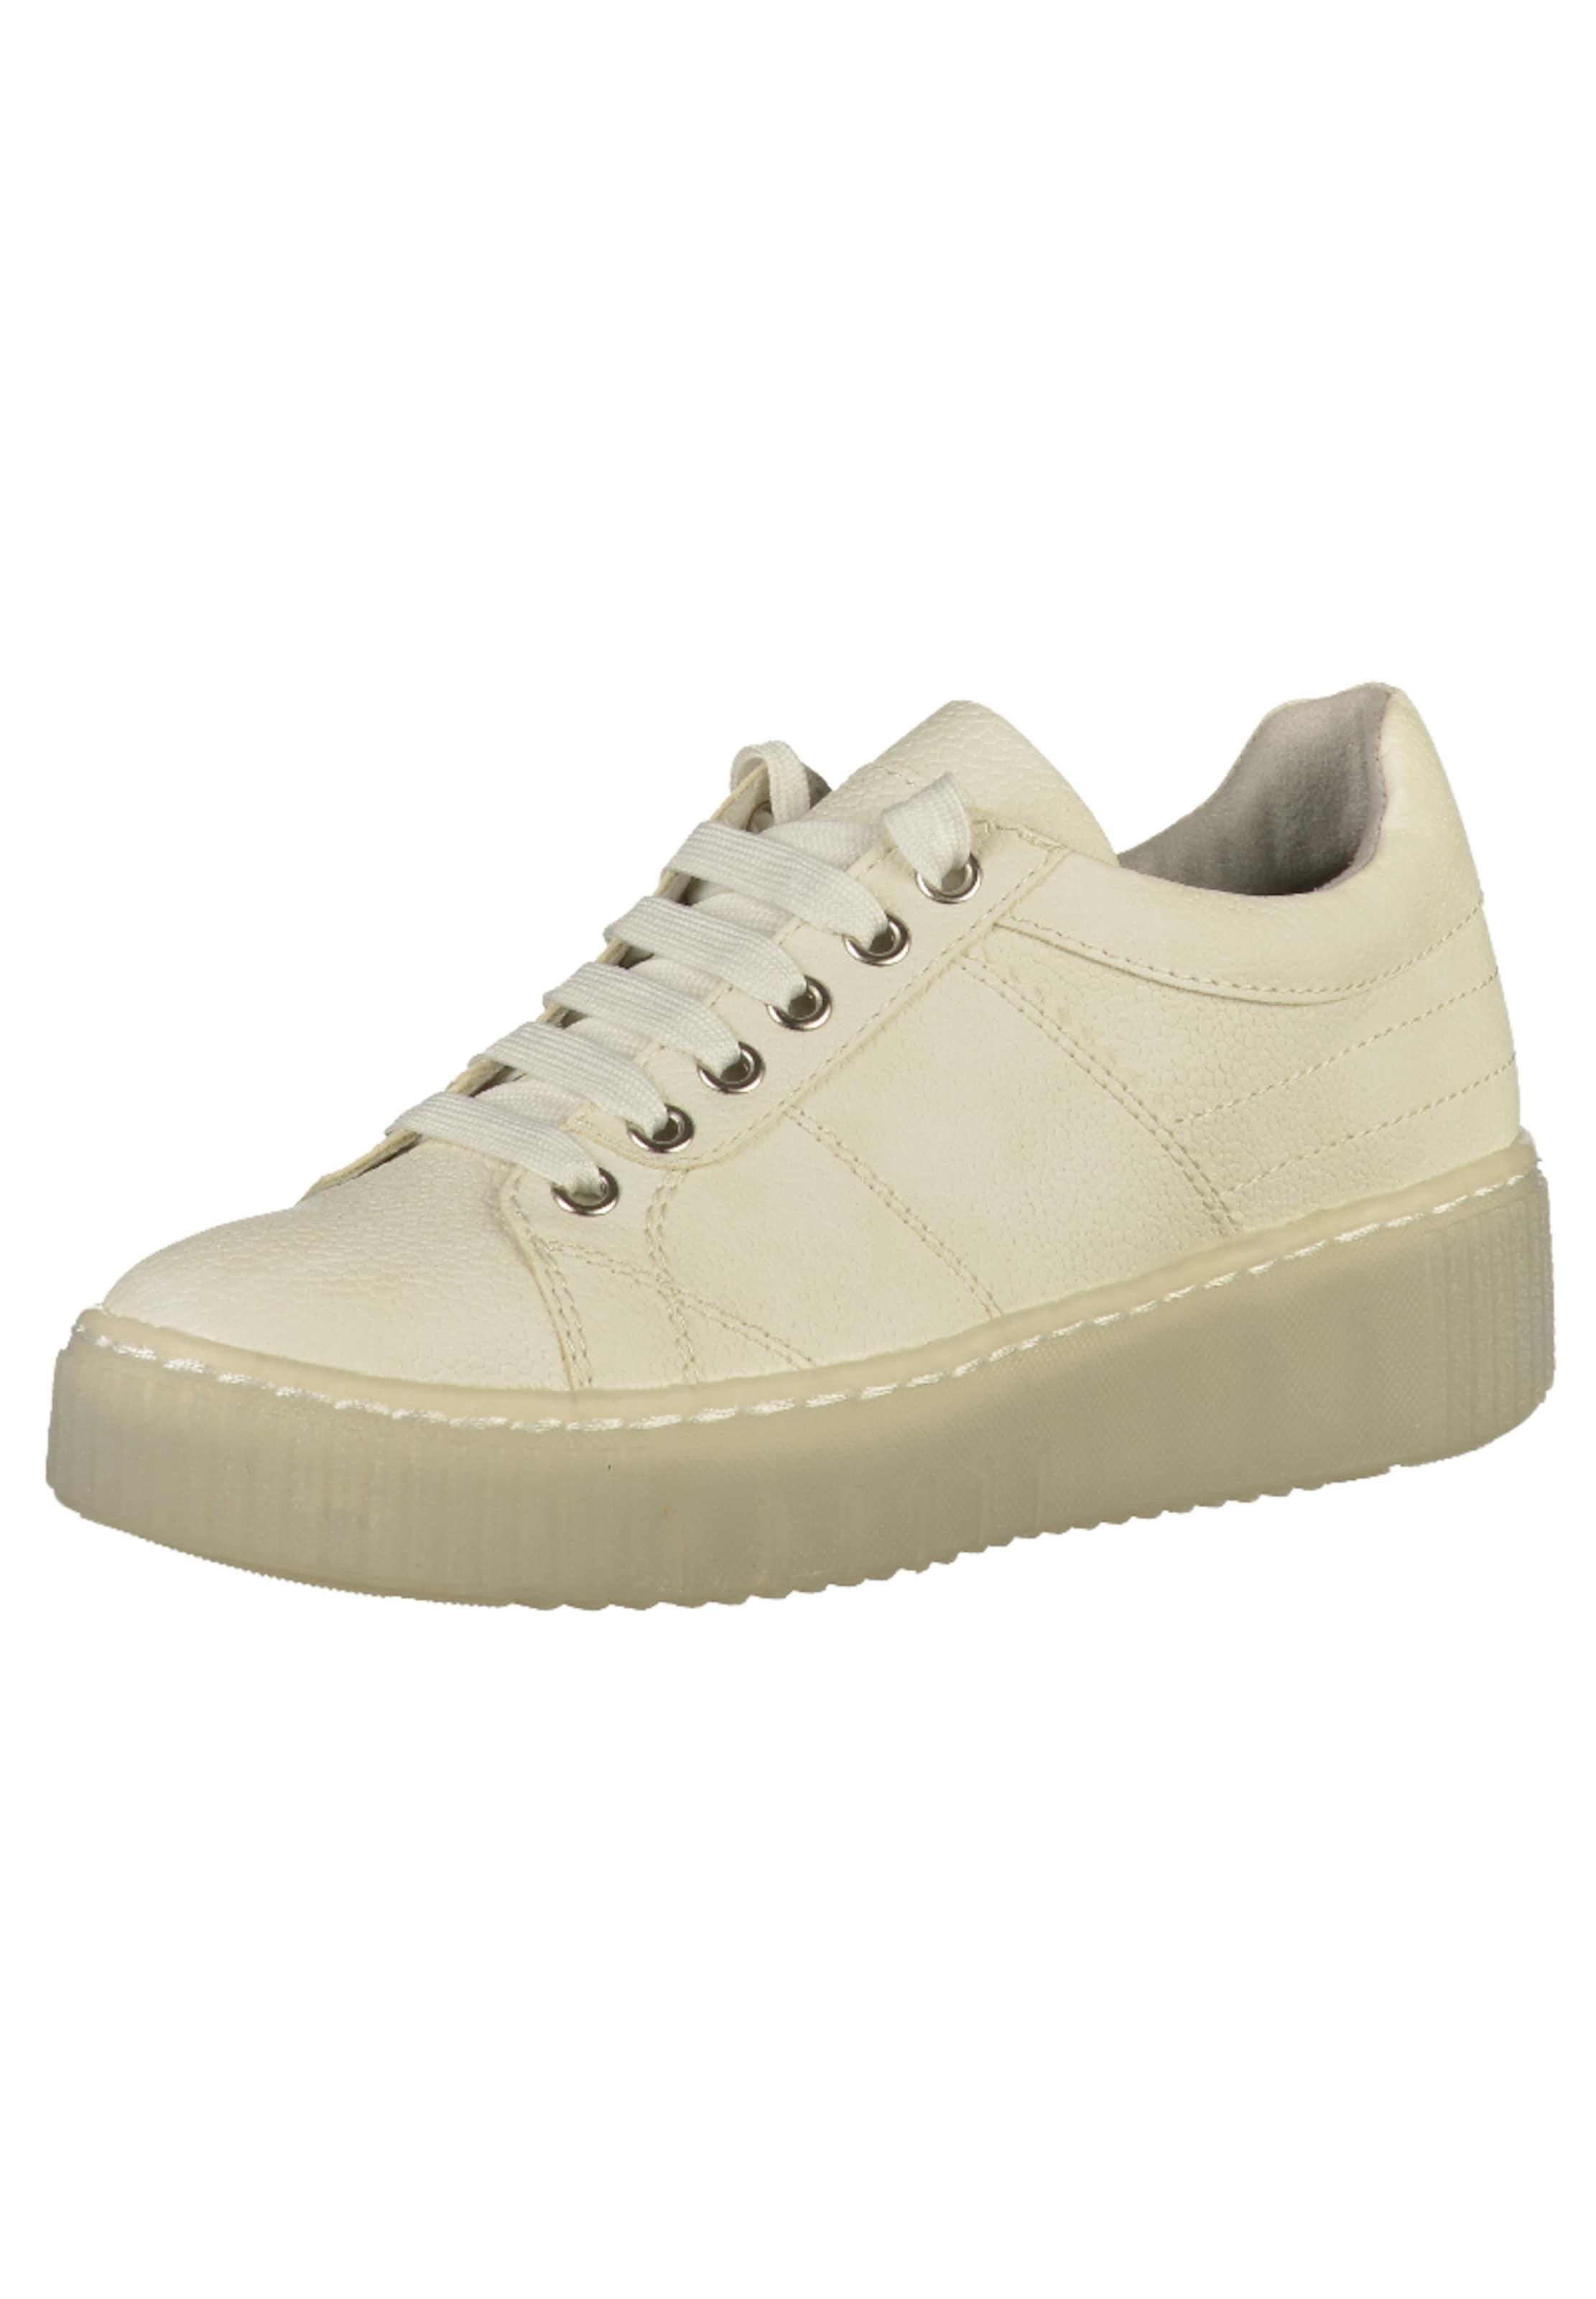 TAMARIS Sneaker Günstige und langlebige Schuhe